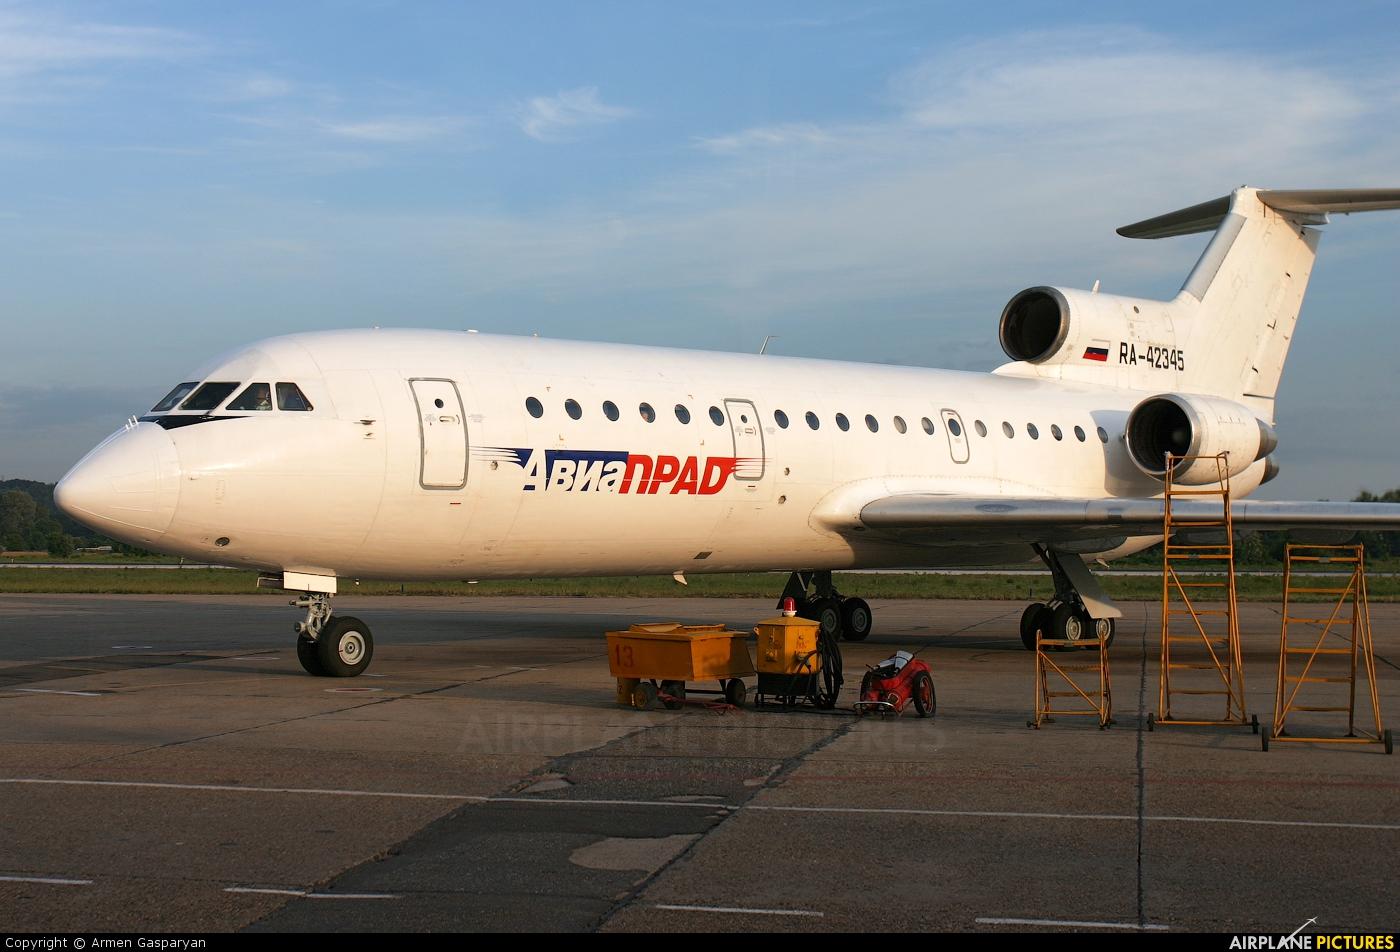 Aviaprad RA-42345 aircraft at Sochi Intl